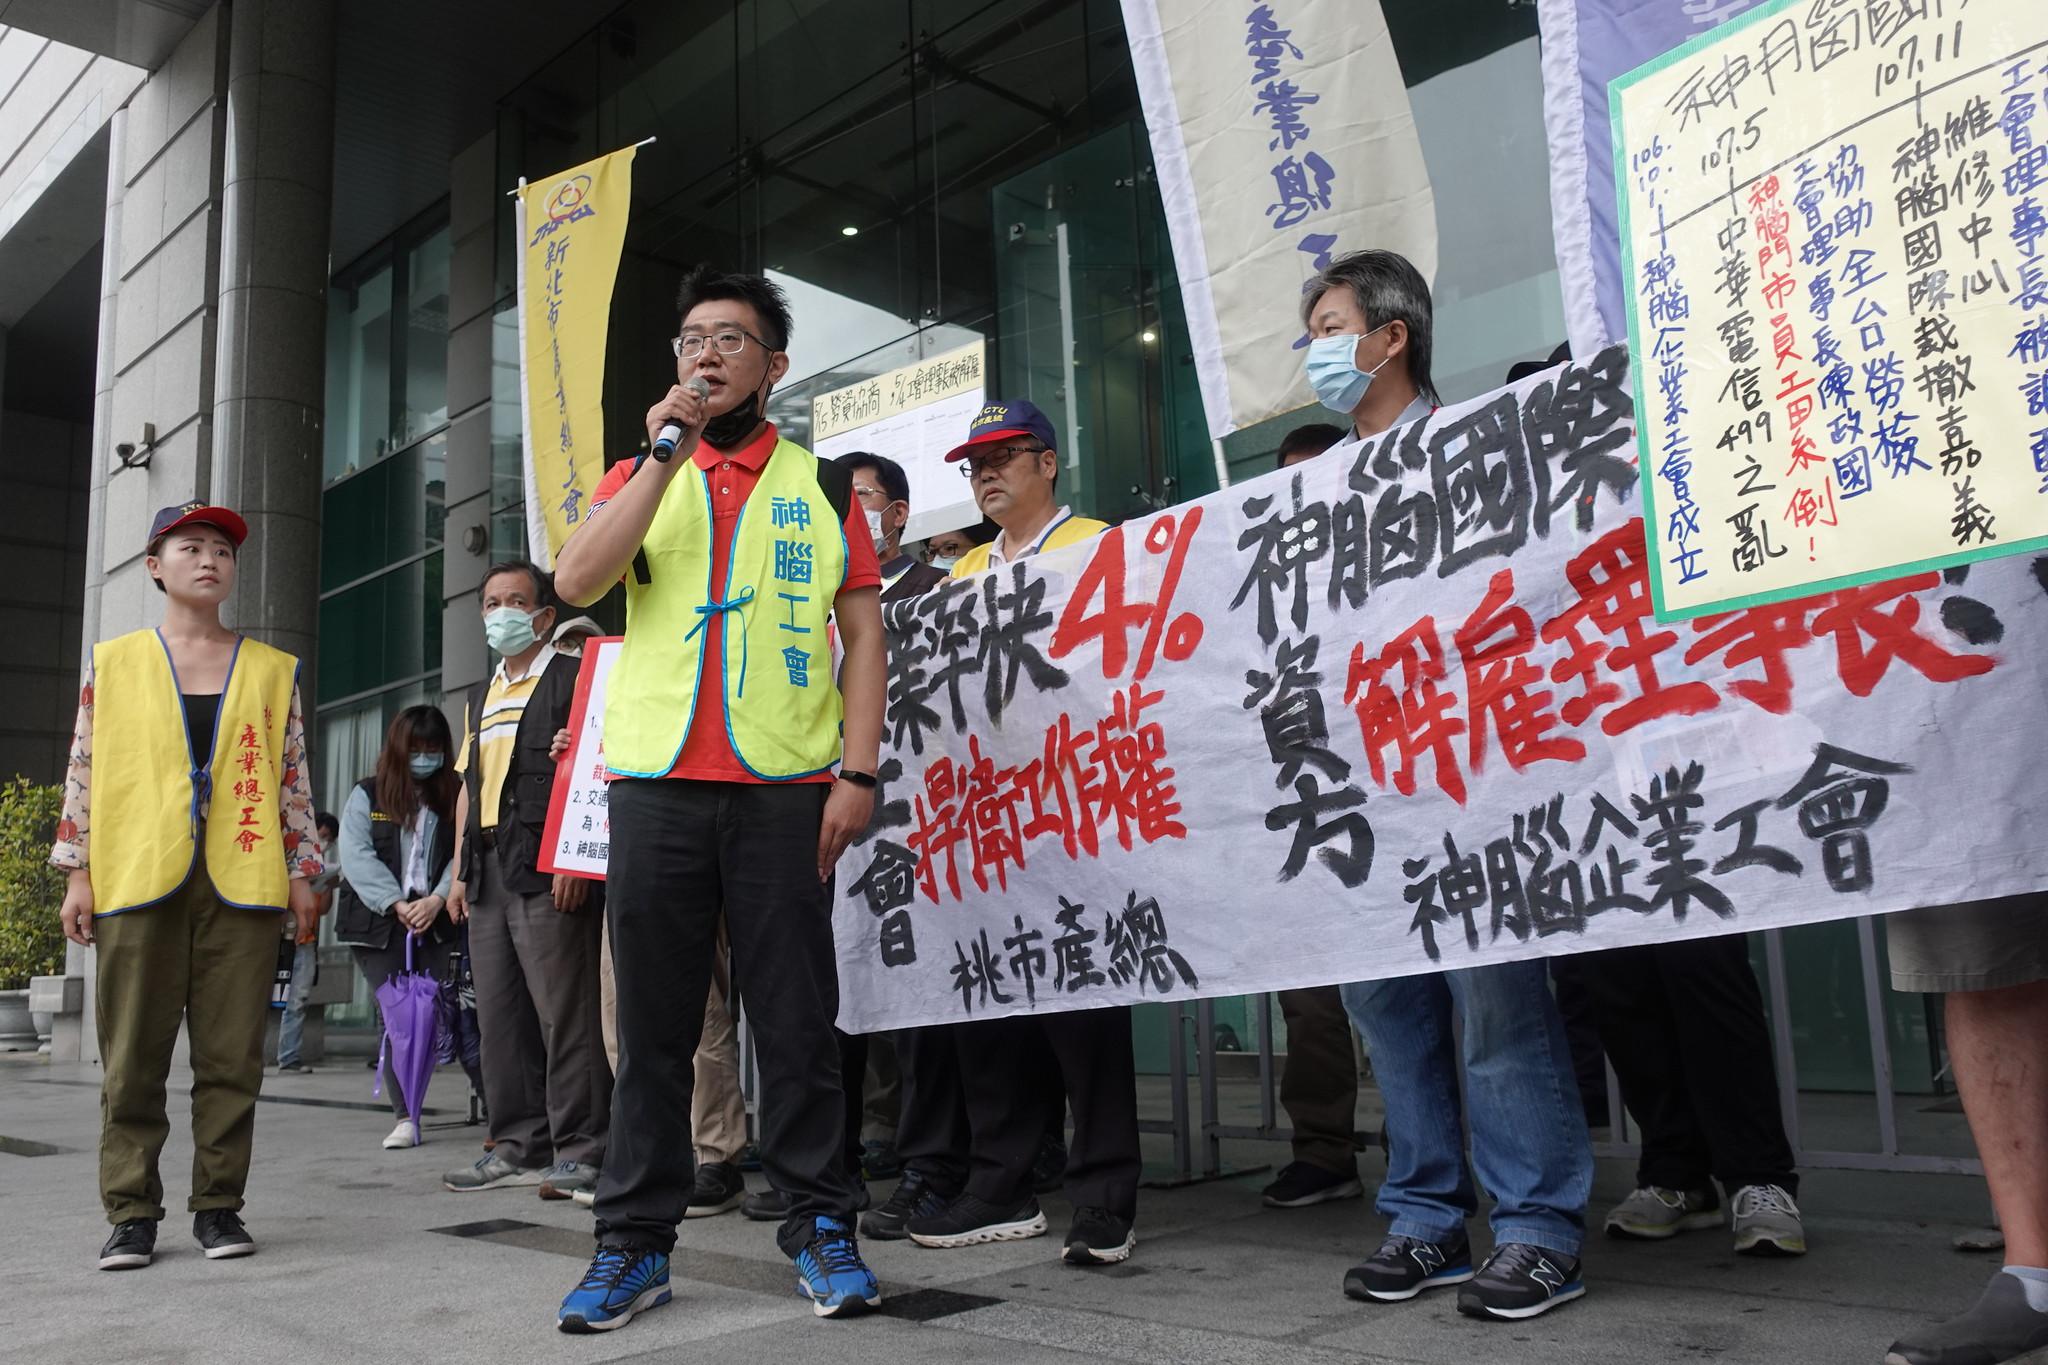 神腦企業工會理事長陳政國遭公司解雇,痛批打壓工會。(攝影:張智琦)